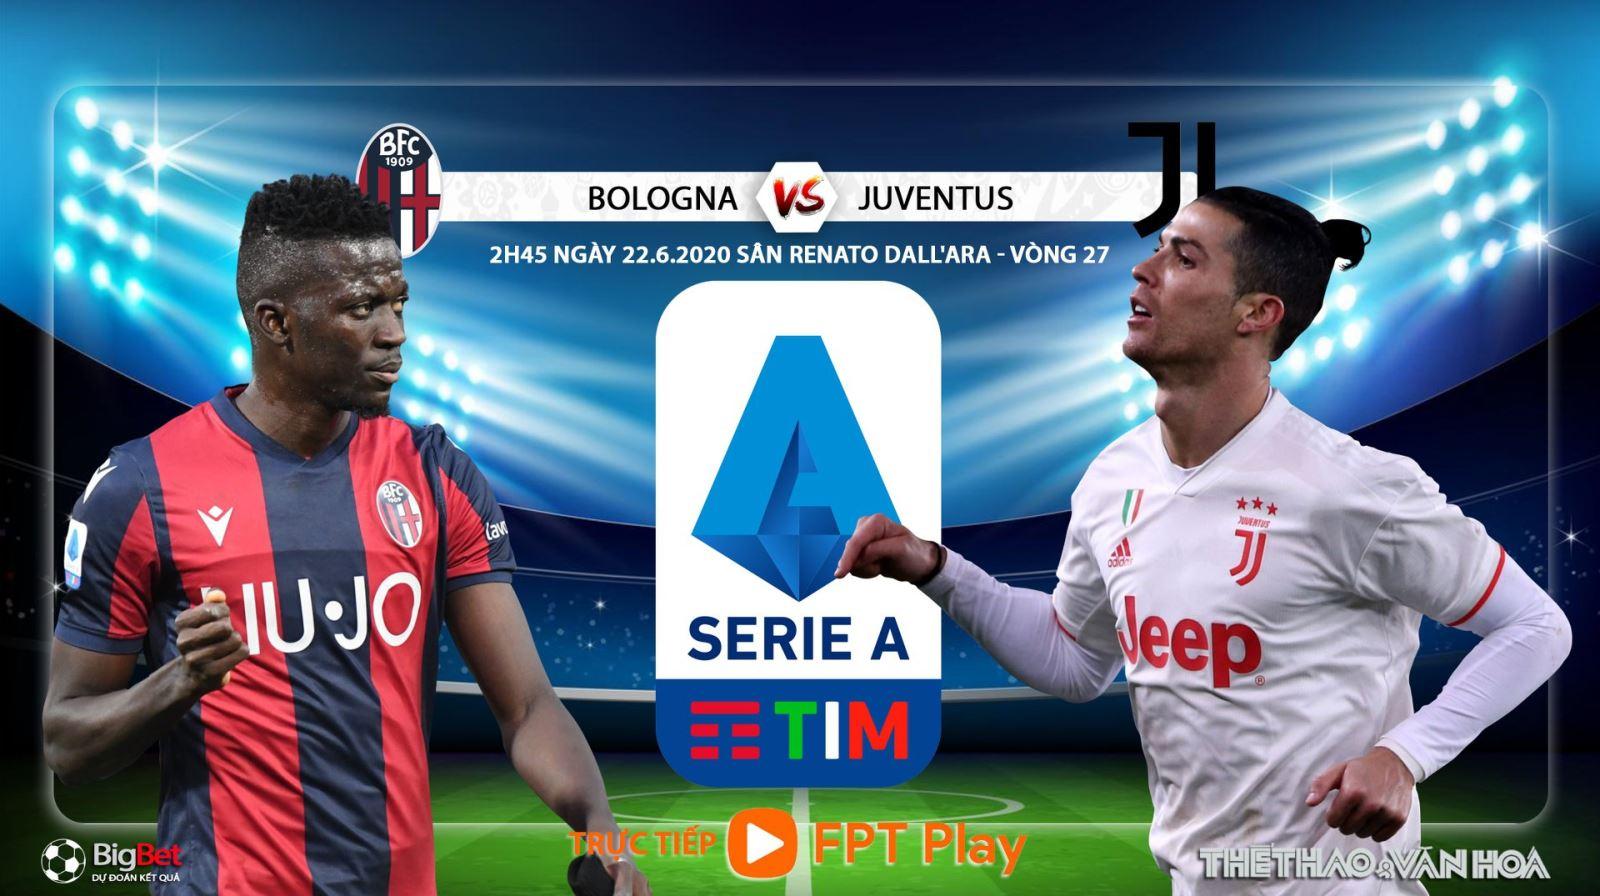 Soi kèo bóng đá Bologna vs Juventus. Trực tiếp Vòng 27 Serie A. Trực tiếp FPT Play